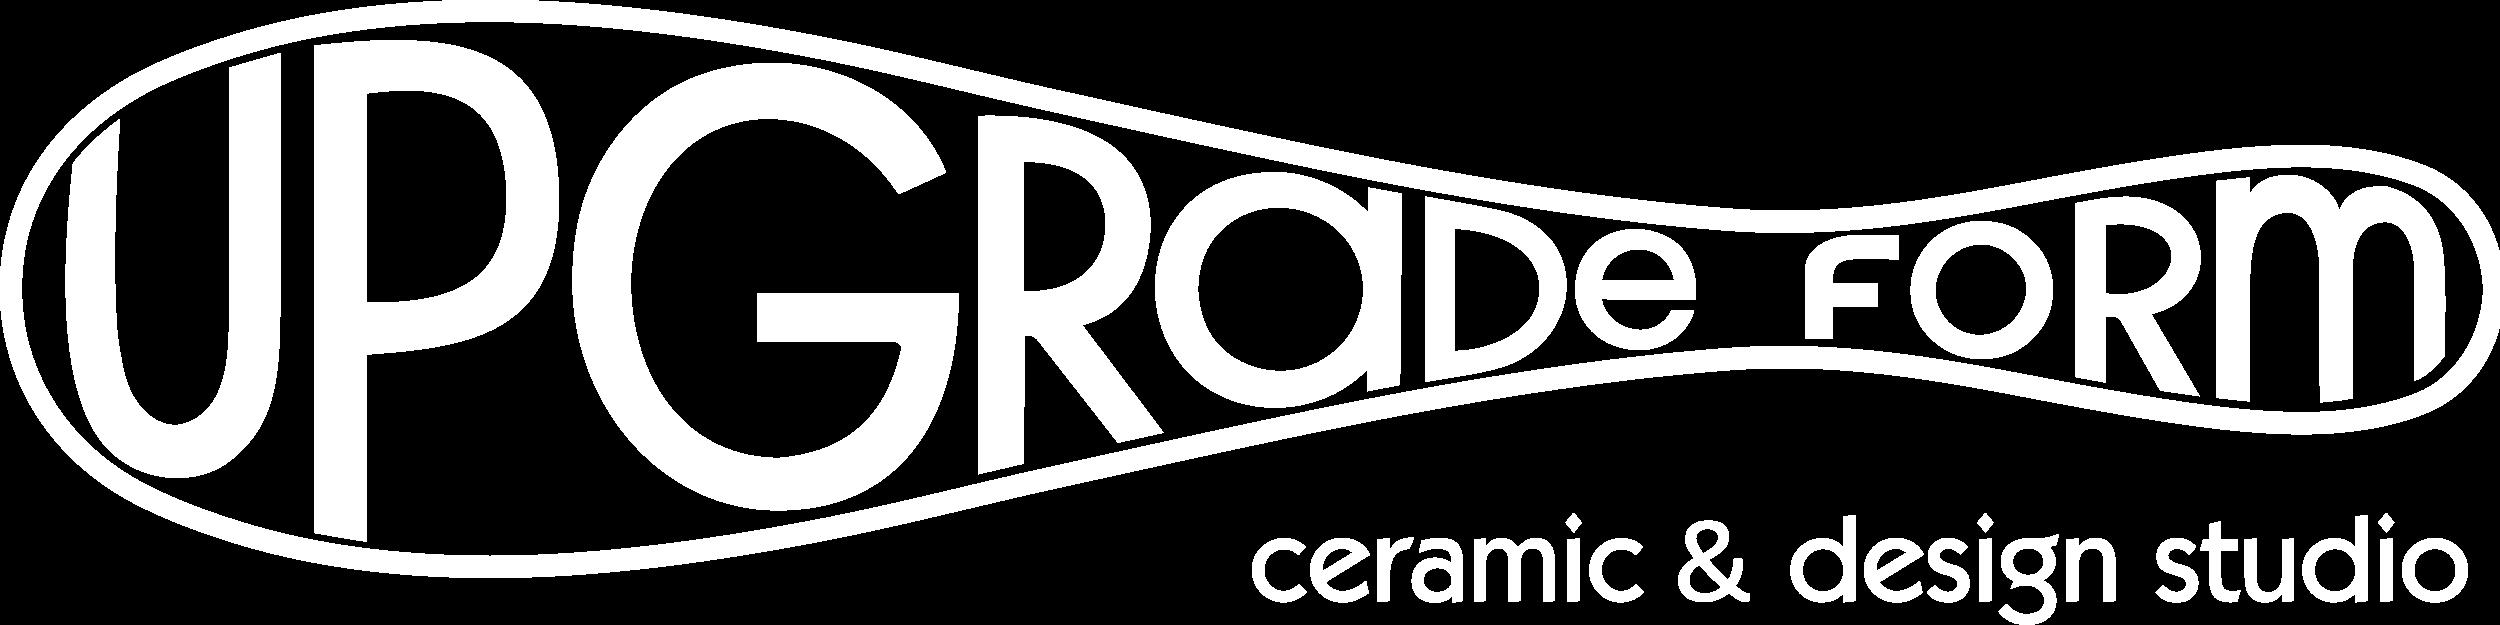 Официальный сайт Upgrade Form